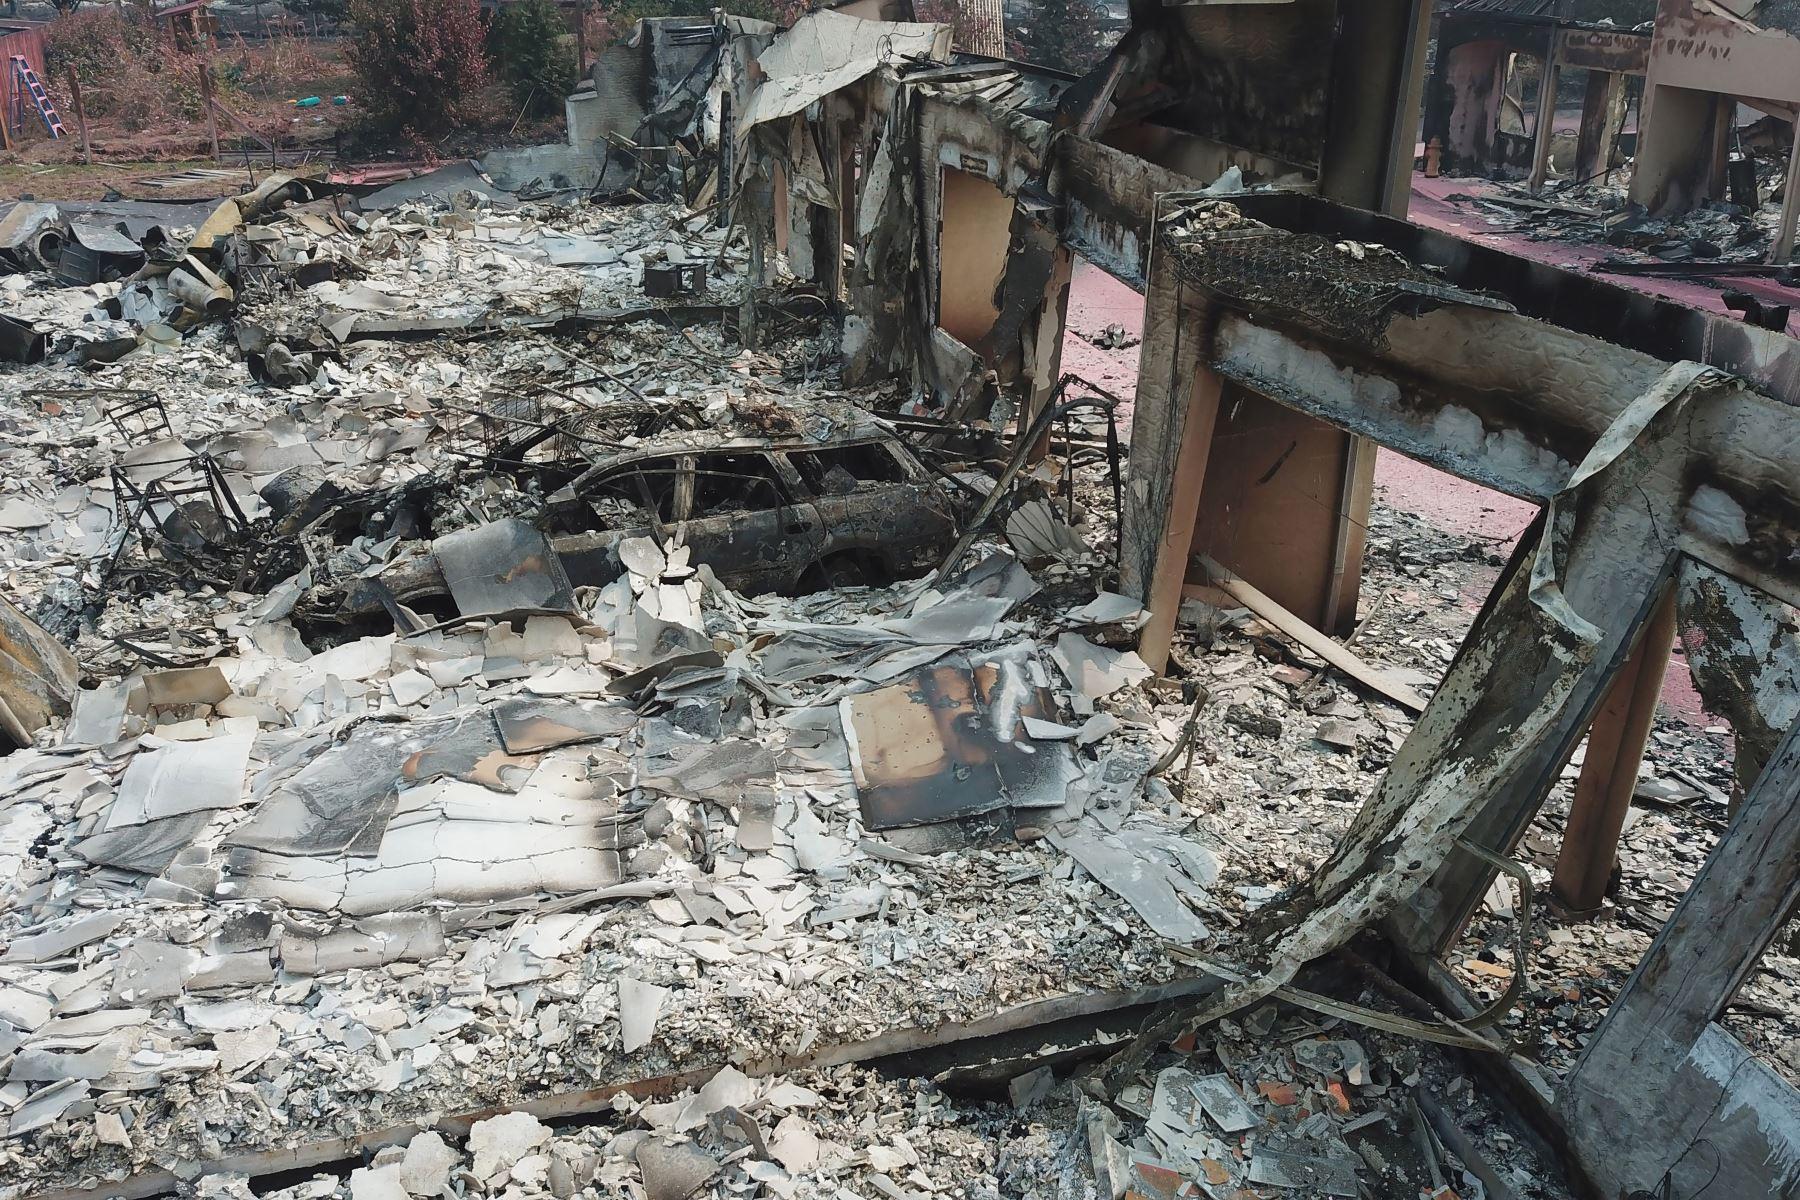 Un vehículo destruído tras el incendio de Almeda en Talent, Oregón. Foto: AFP